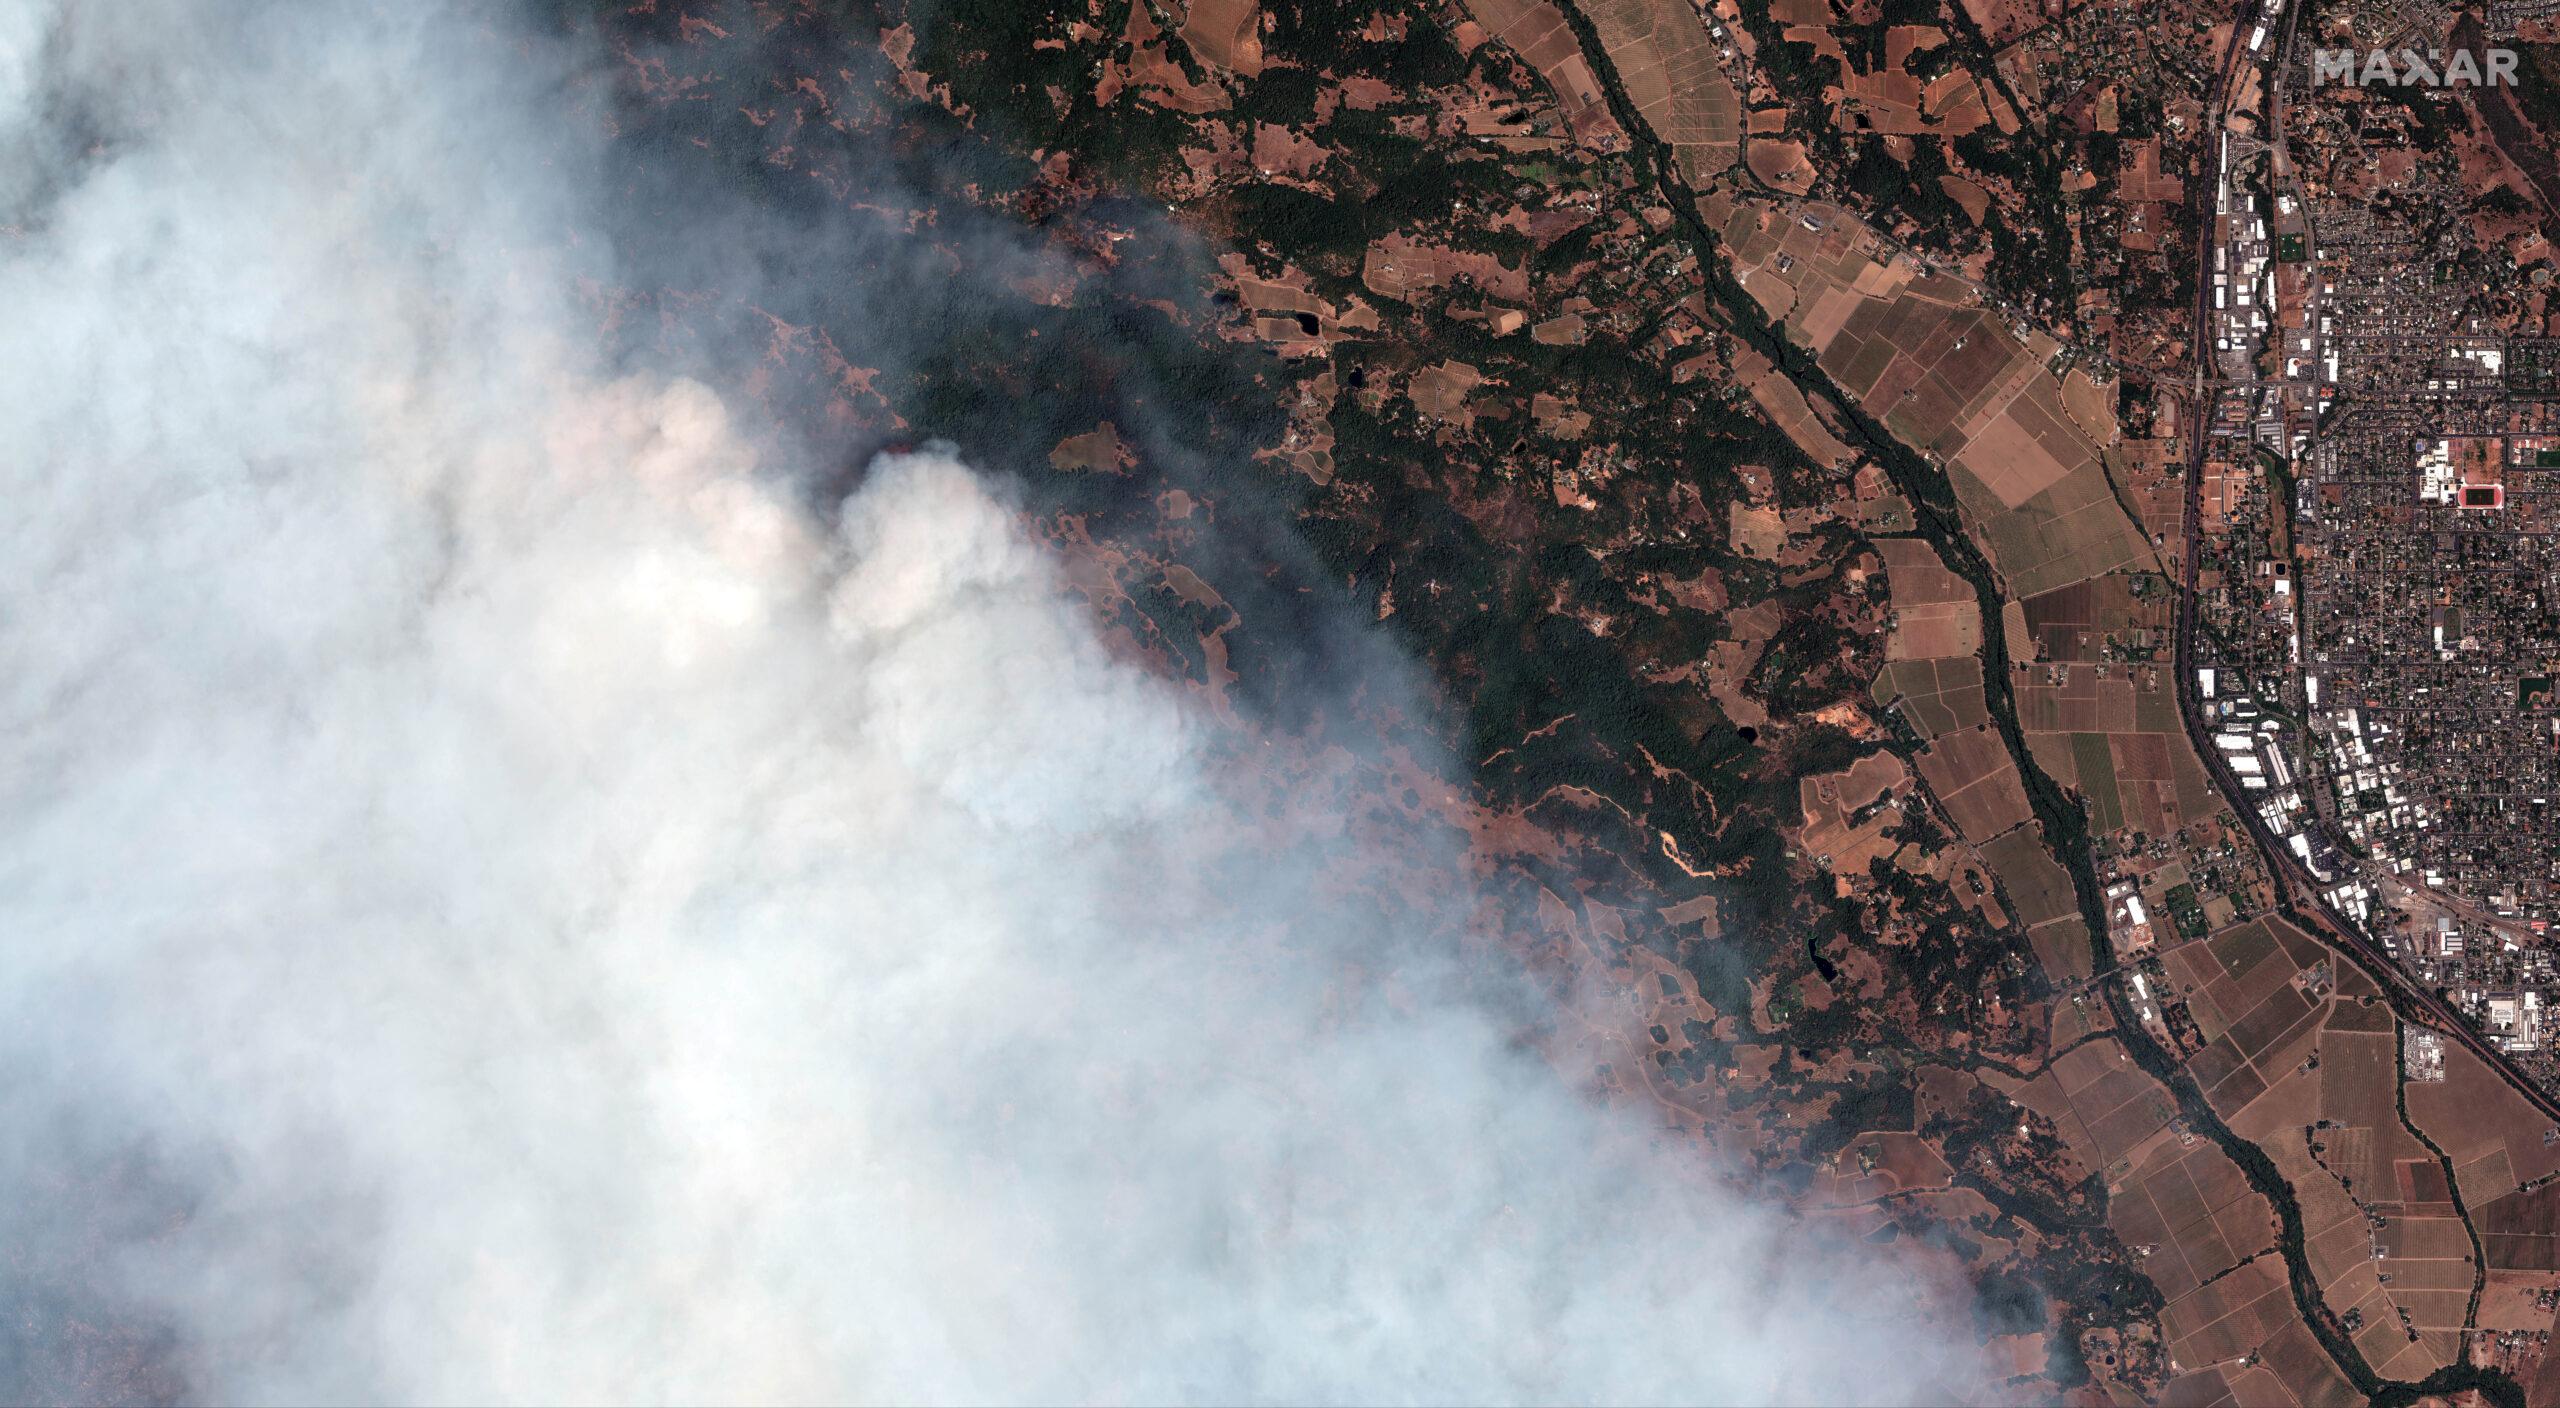 Πυρκαγιά μεγάλης έκτασης στην Καλιφόρνια